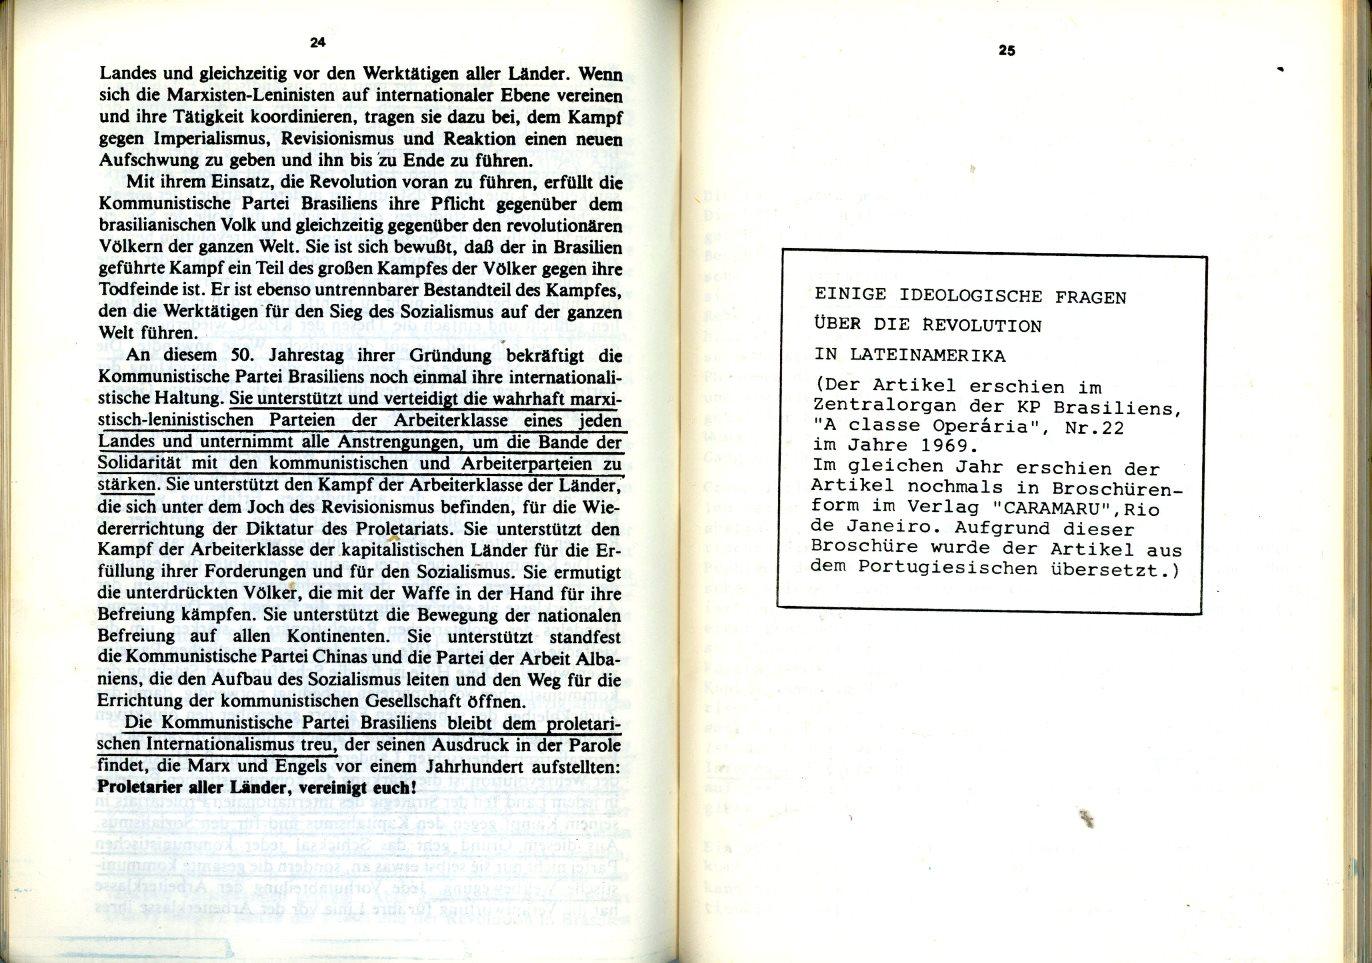 MLSK_Theorie_und_Praxis_des_ML_1978_20_21